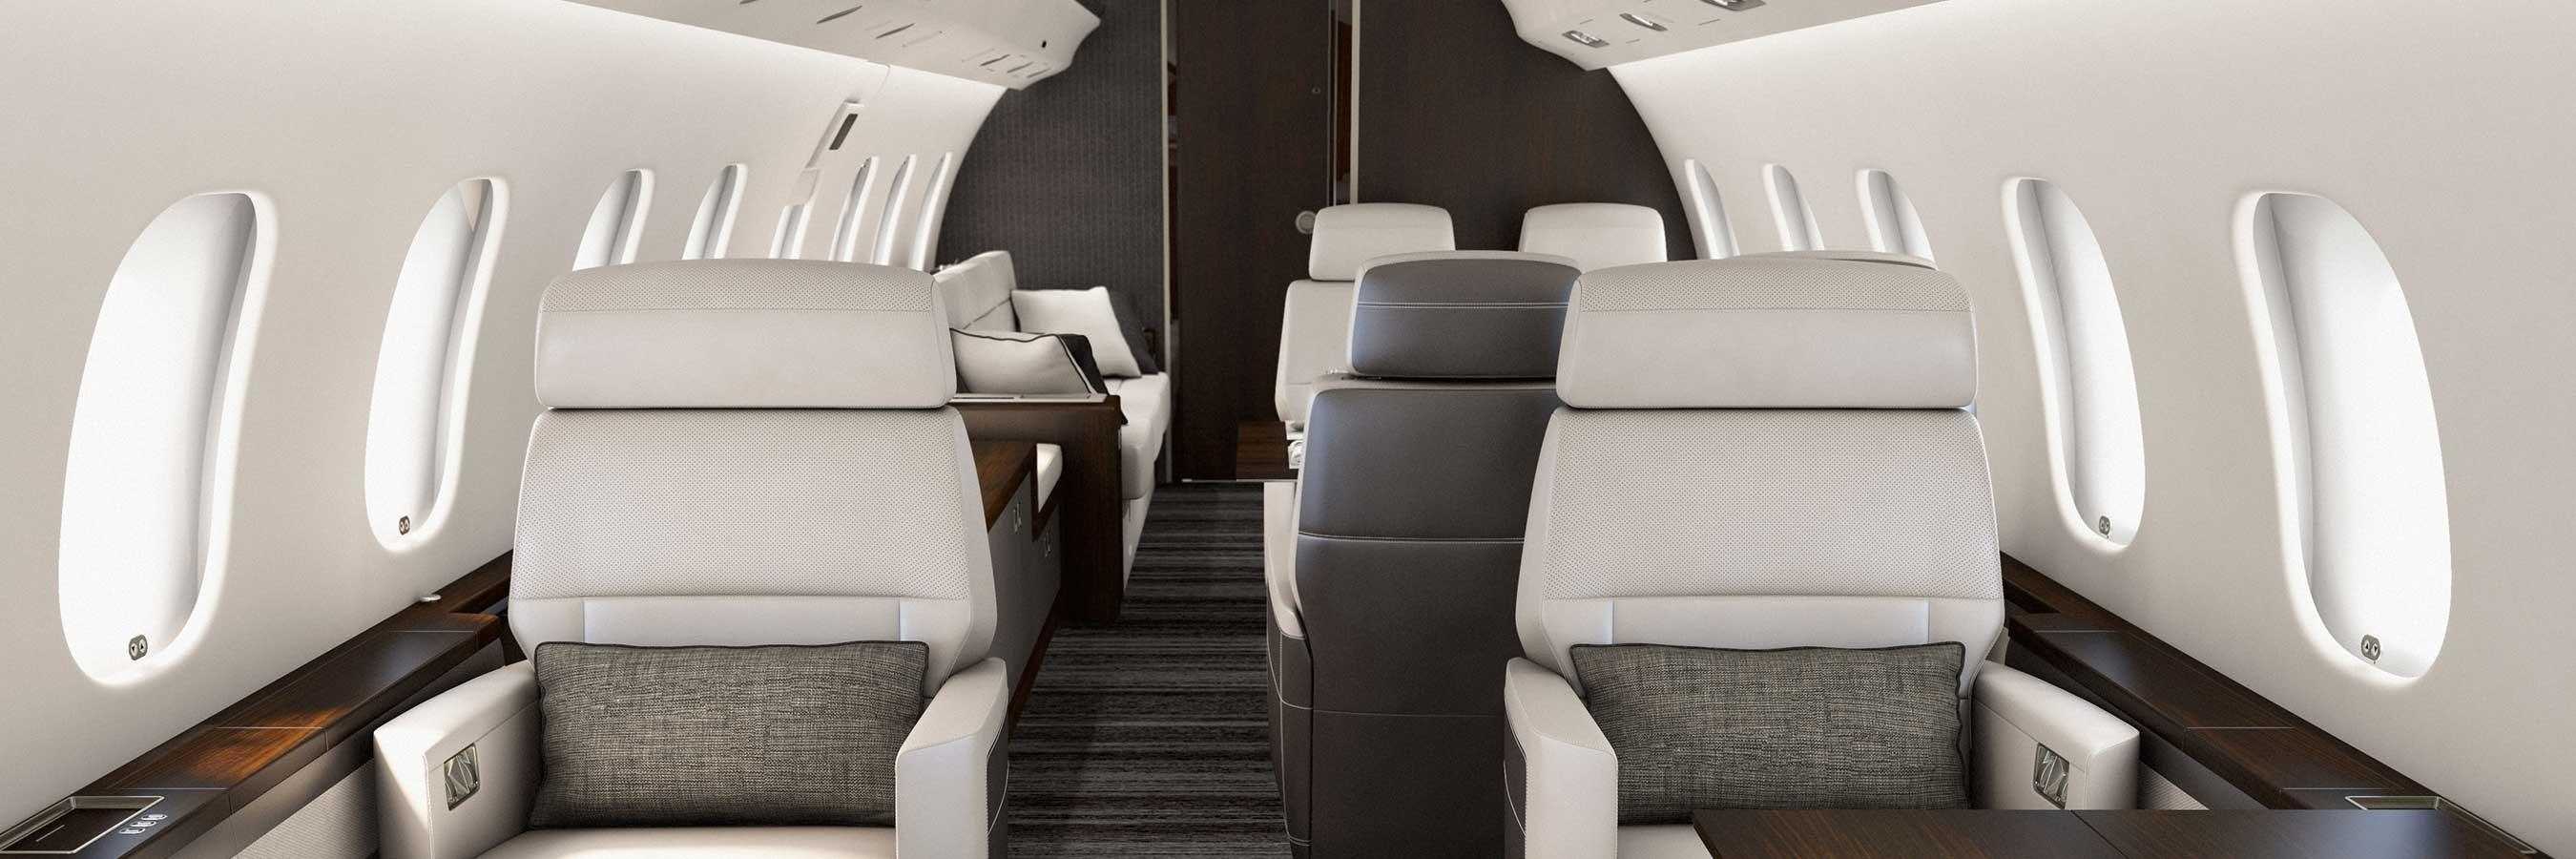 Global 6000 cabin forward